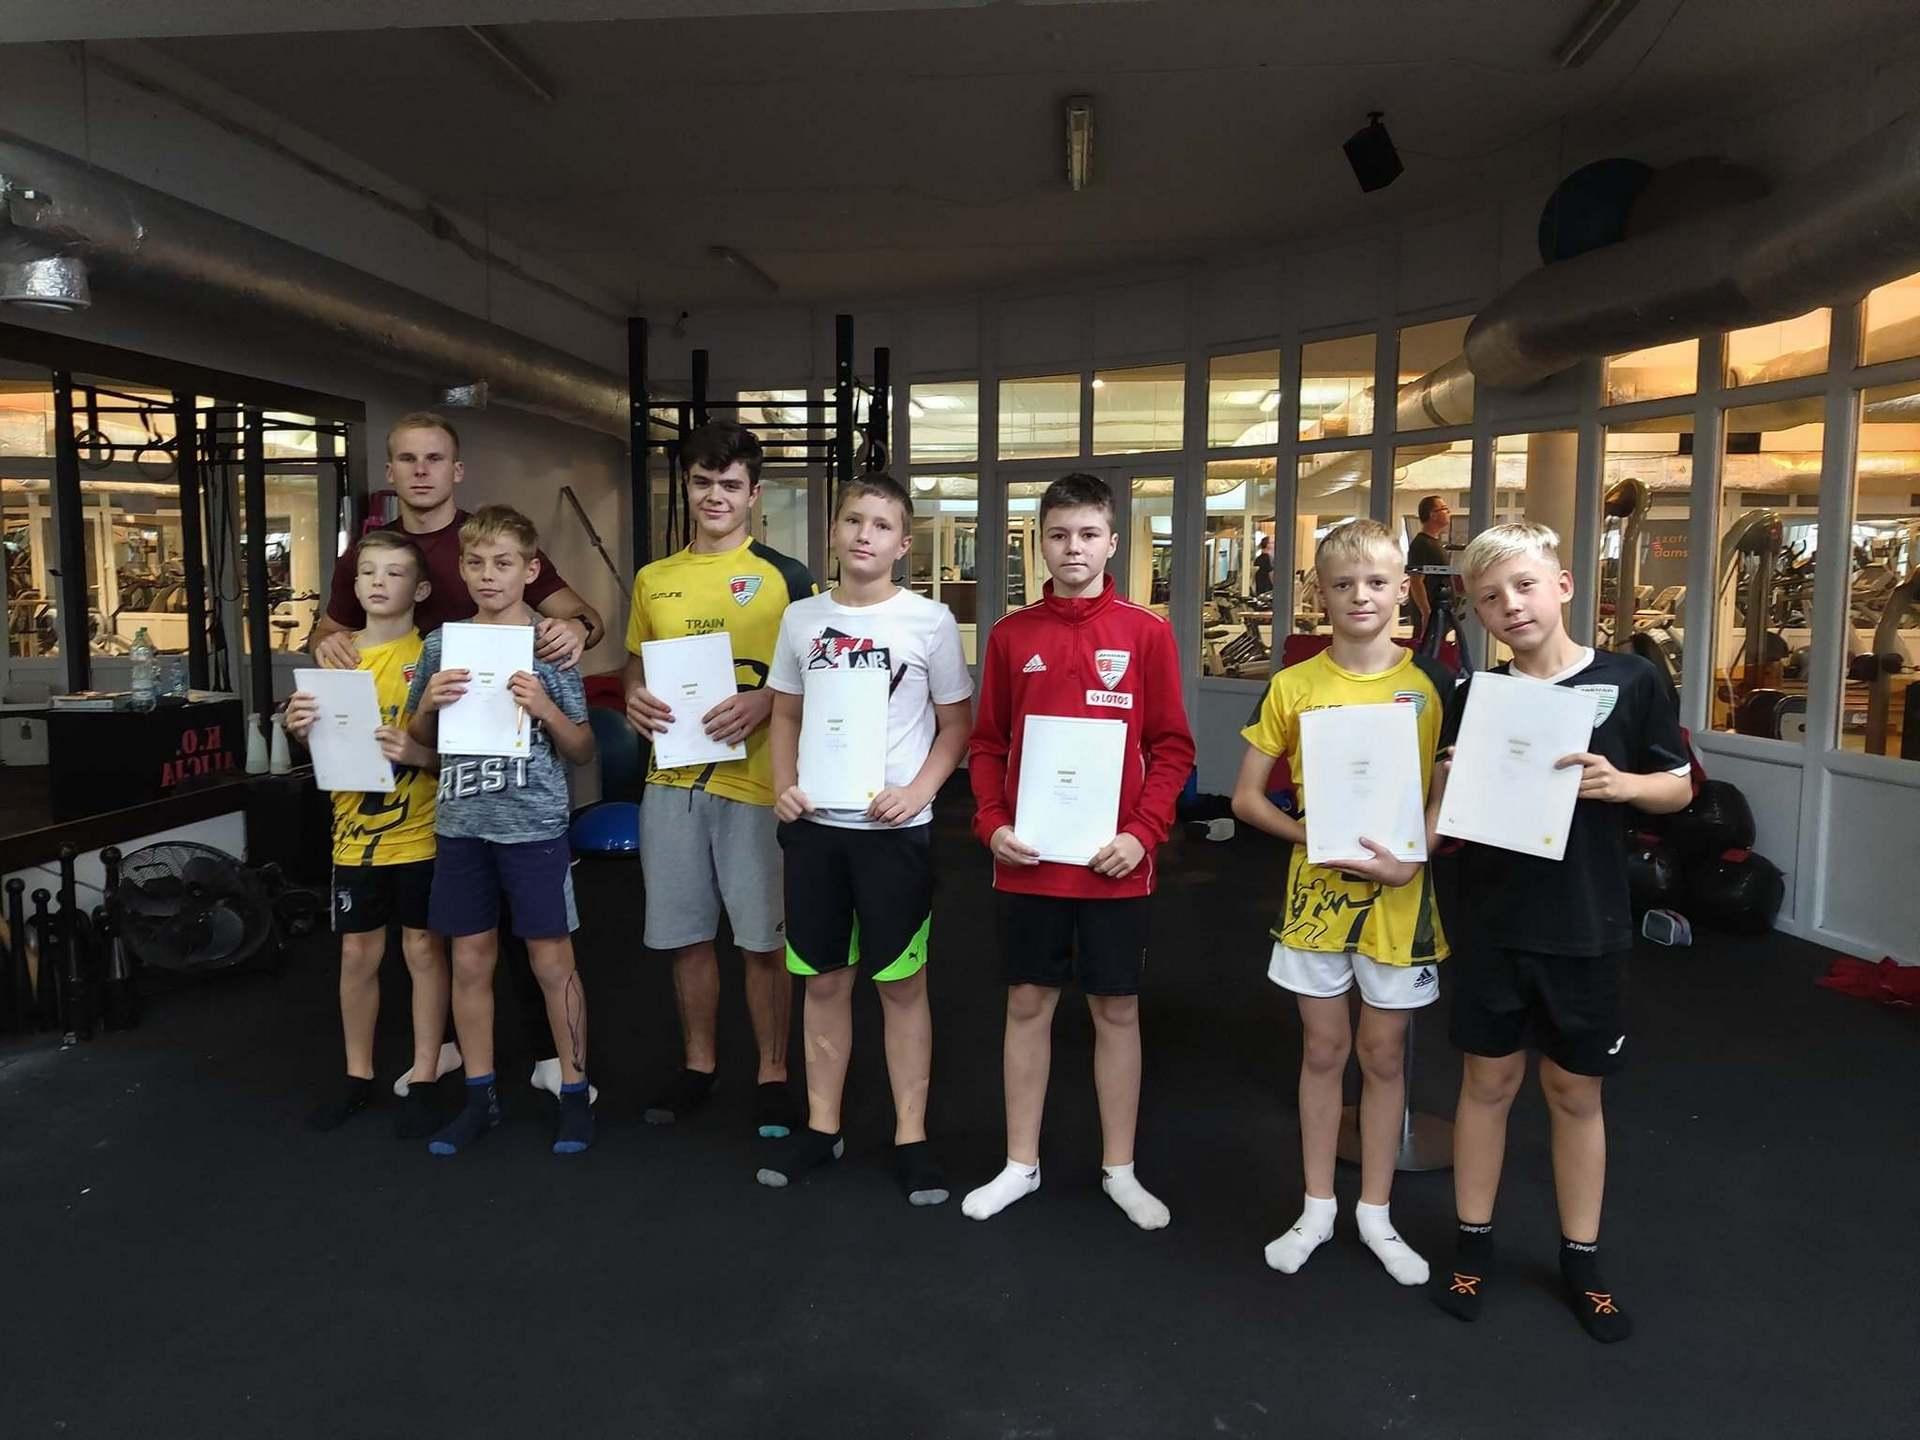 zajęcia sportowe dla dzieci w Gdańśku